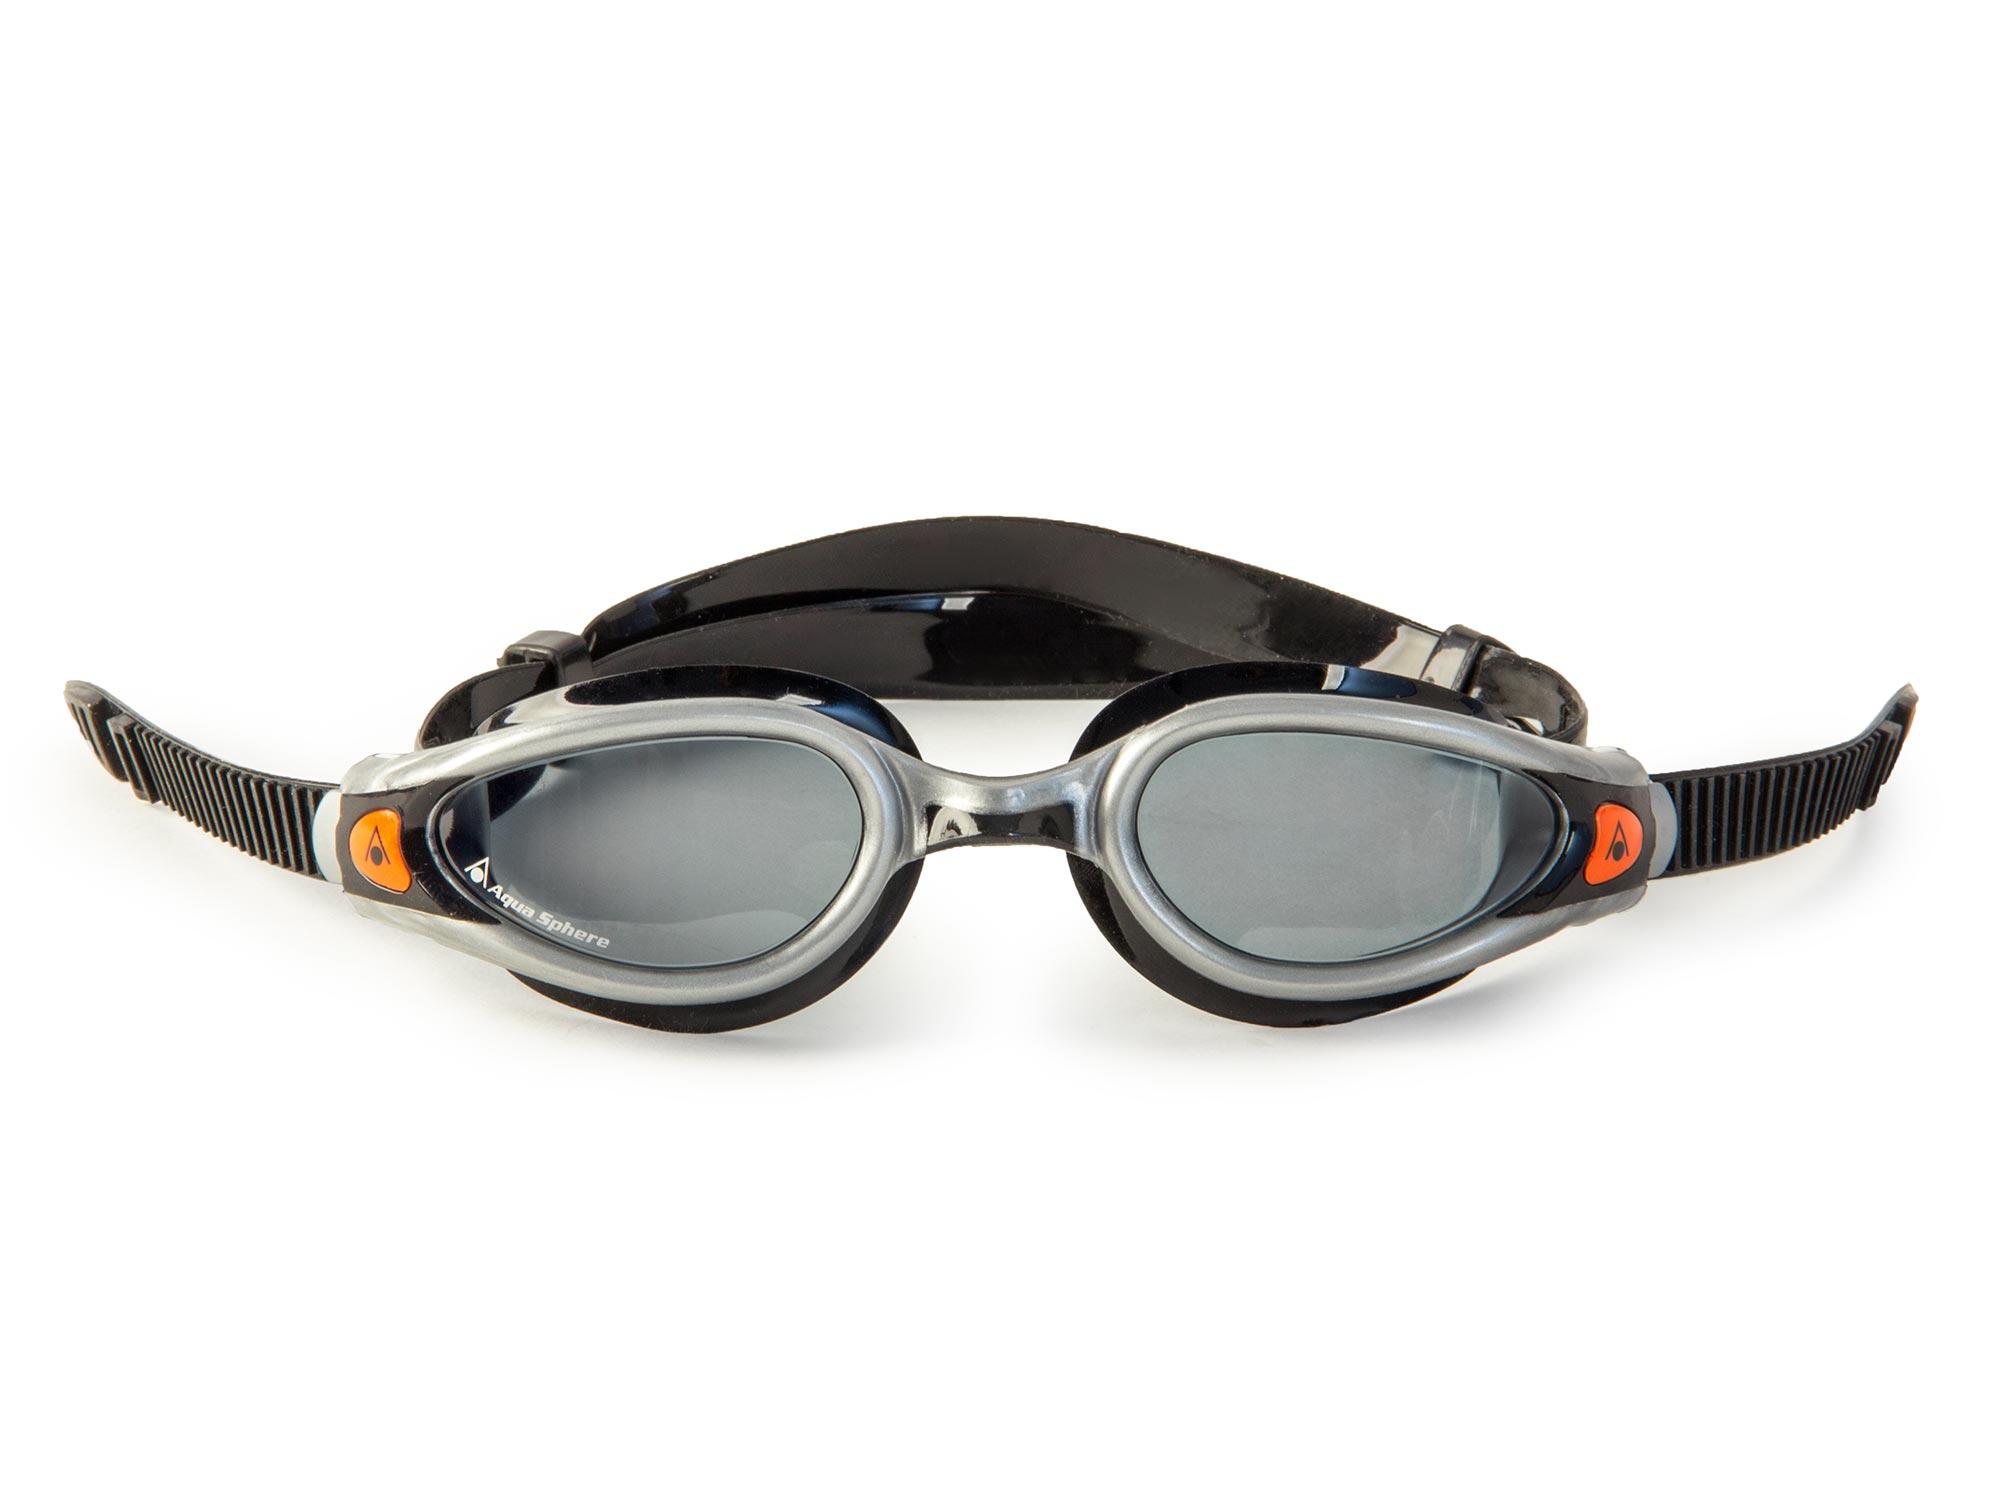 Заказать очки гуглес в нефтекамск купить очки гуглес за бесценок в нефтеюганск